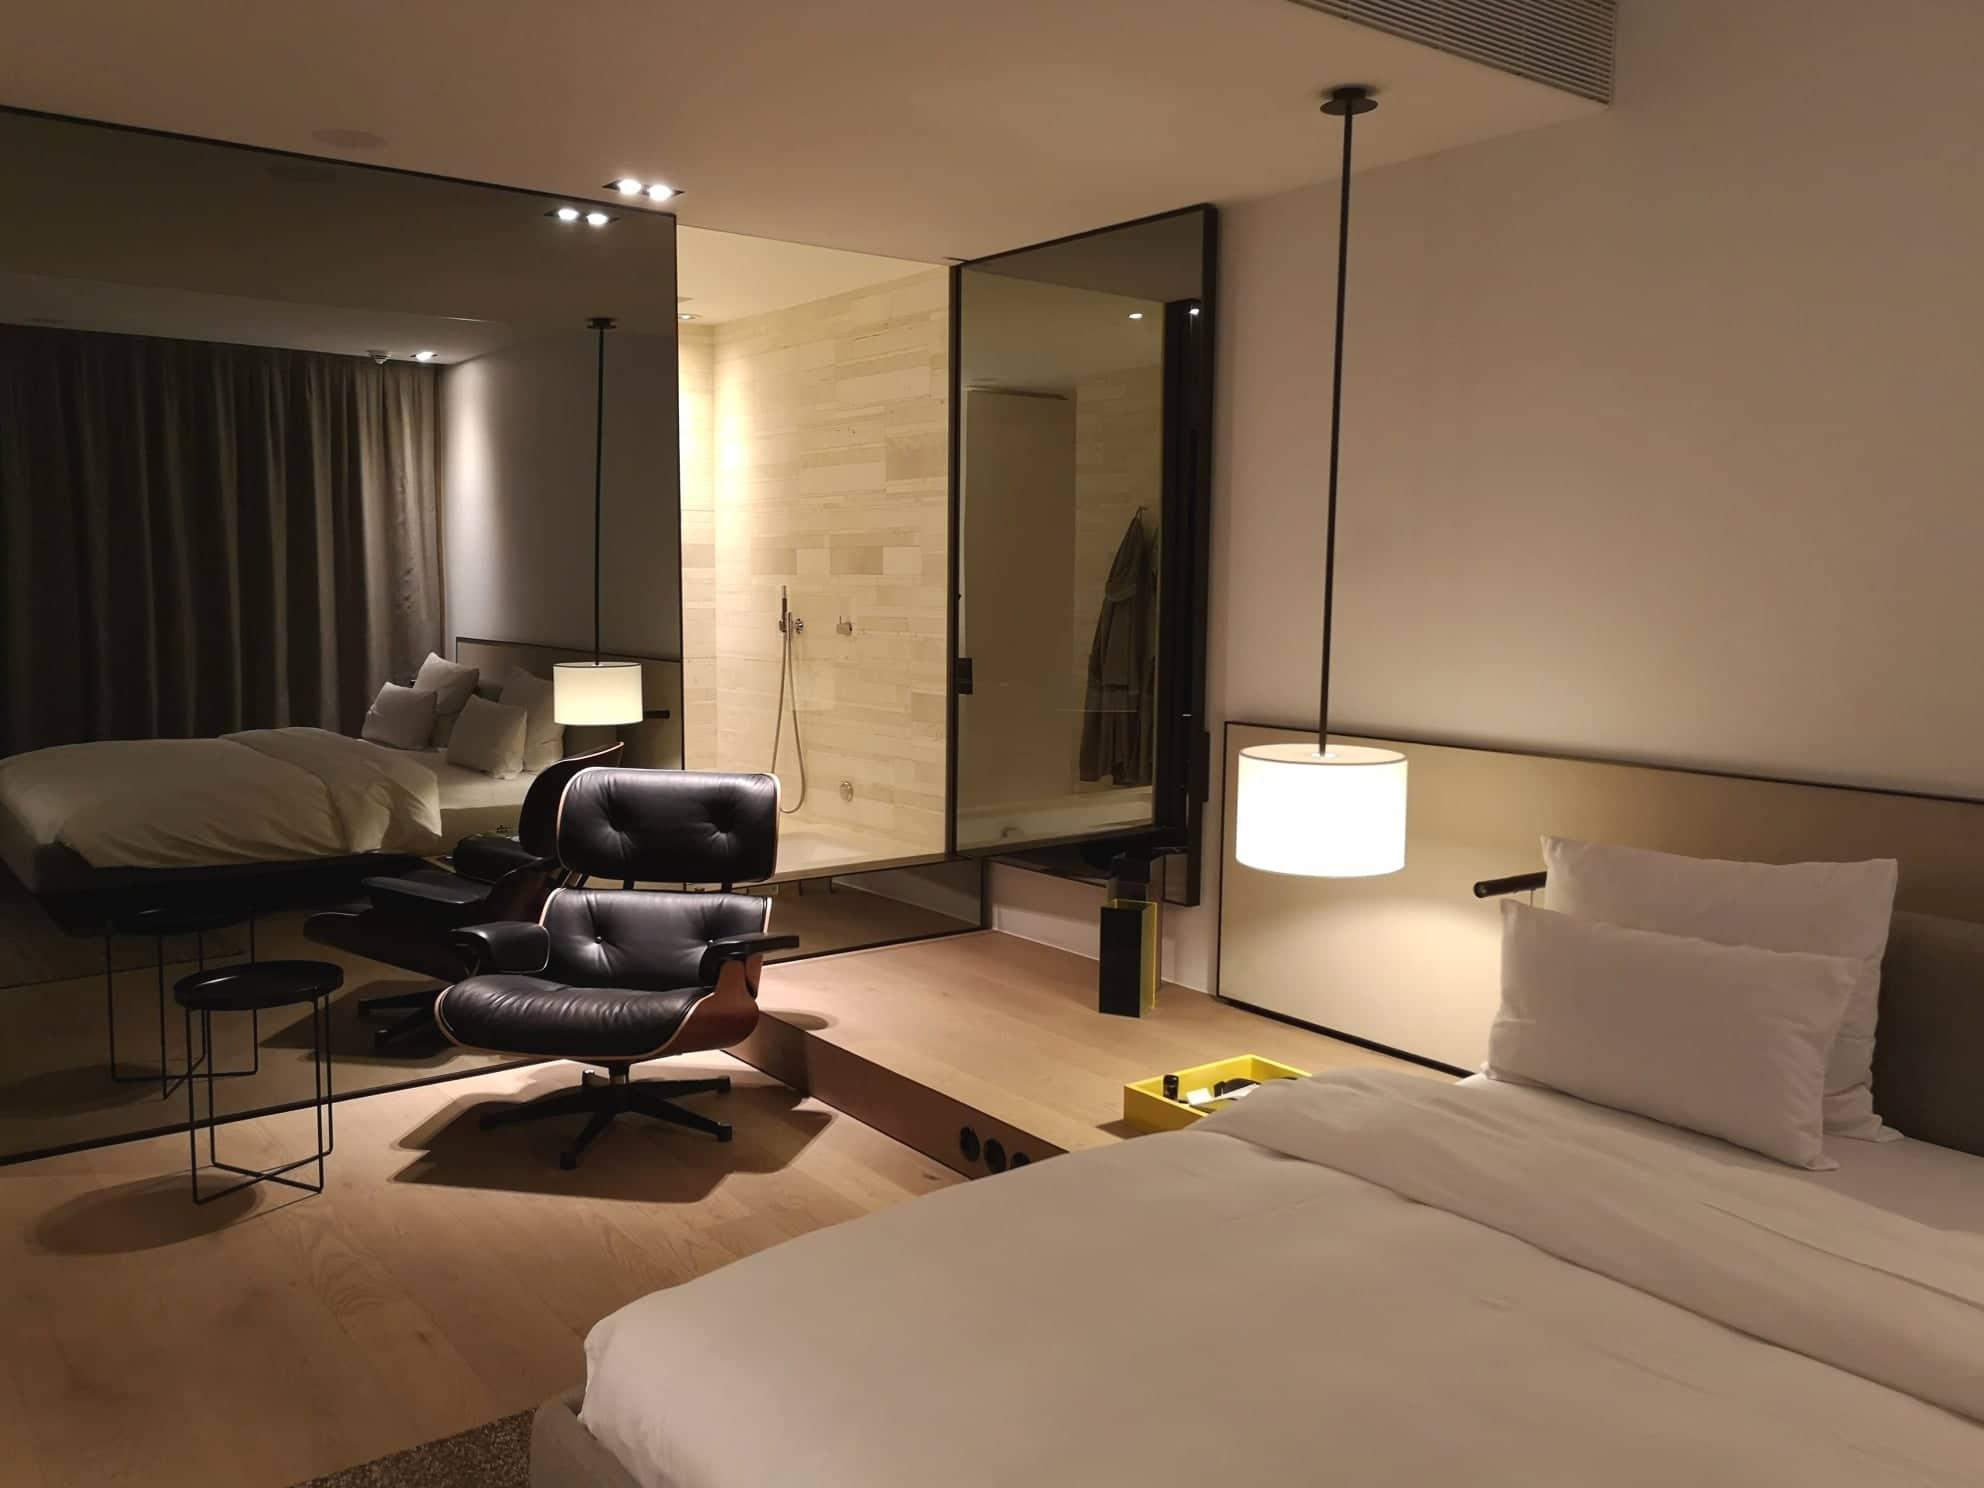 Hotellerie im Wandel der Pandemie: Neue Wege zum Wachstum im Geschäftsreisesegment (Update)